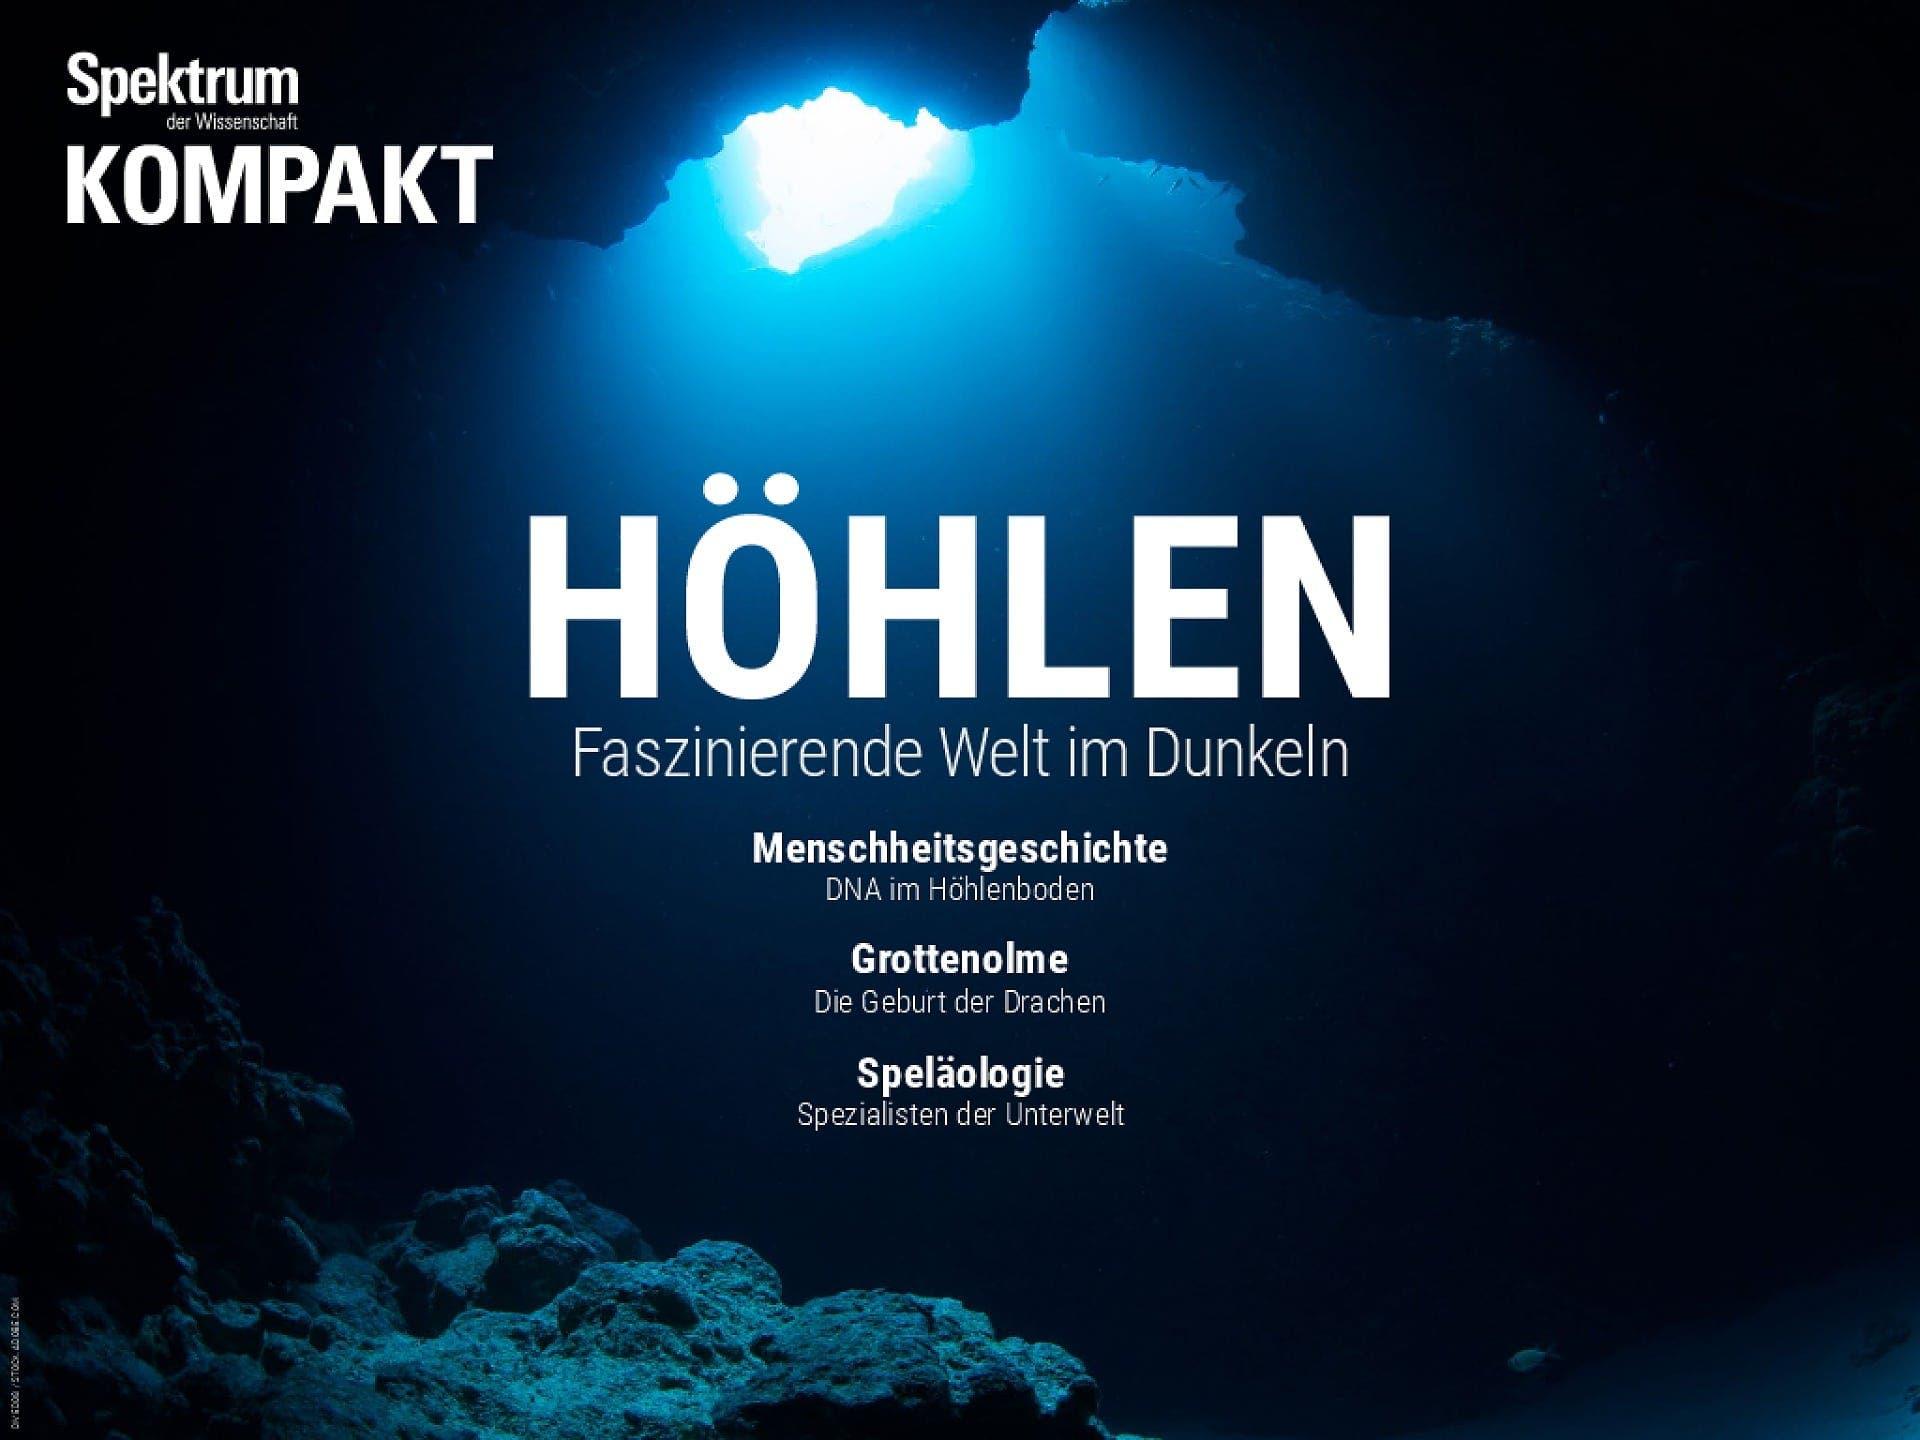 Höhlen - Faszinierende Welt im Dunkeln